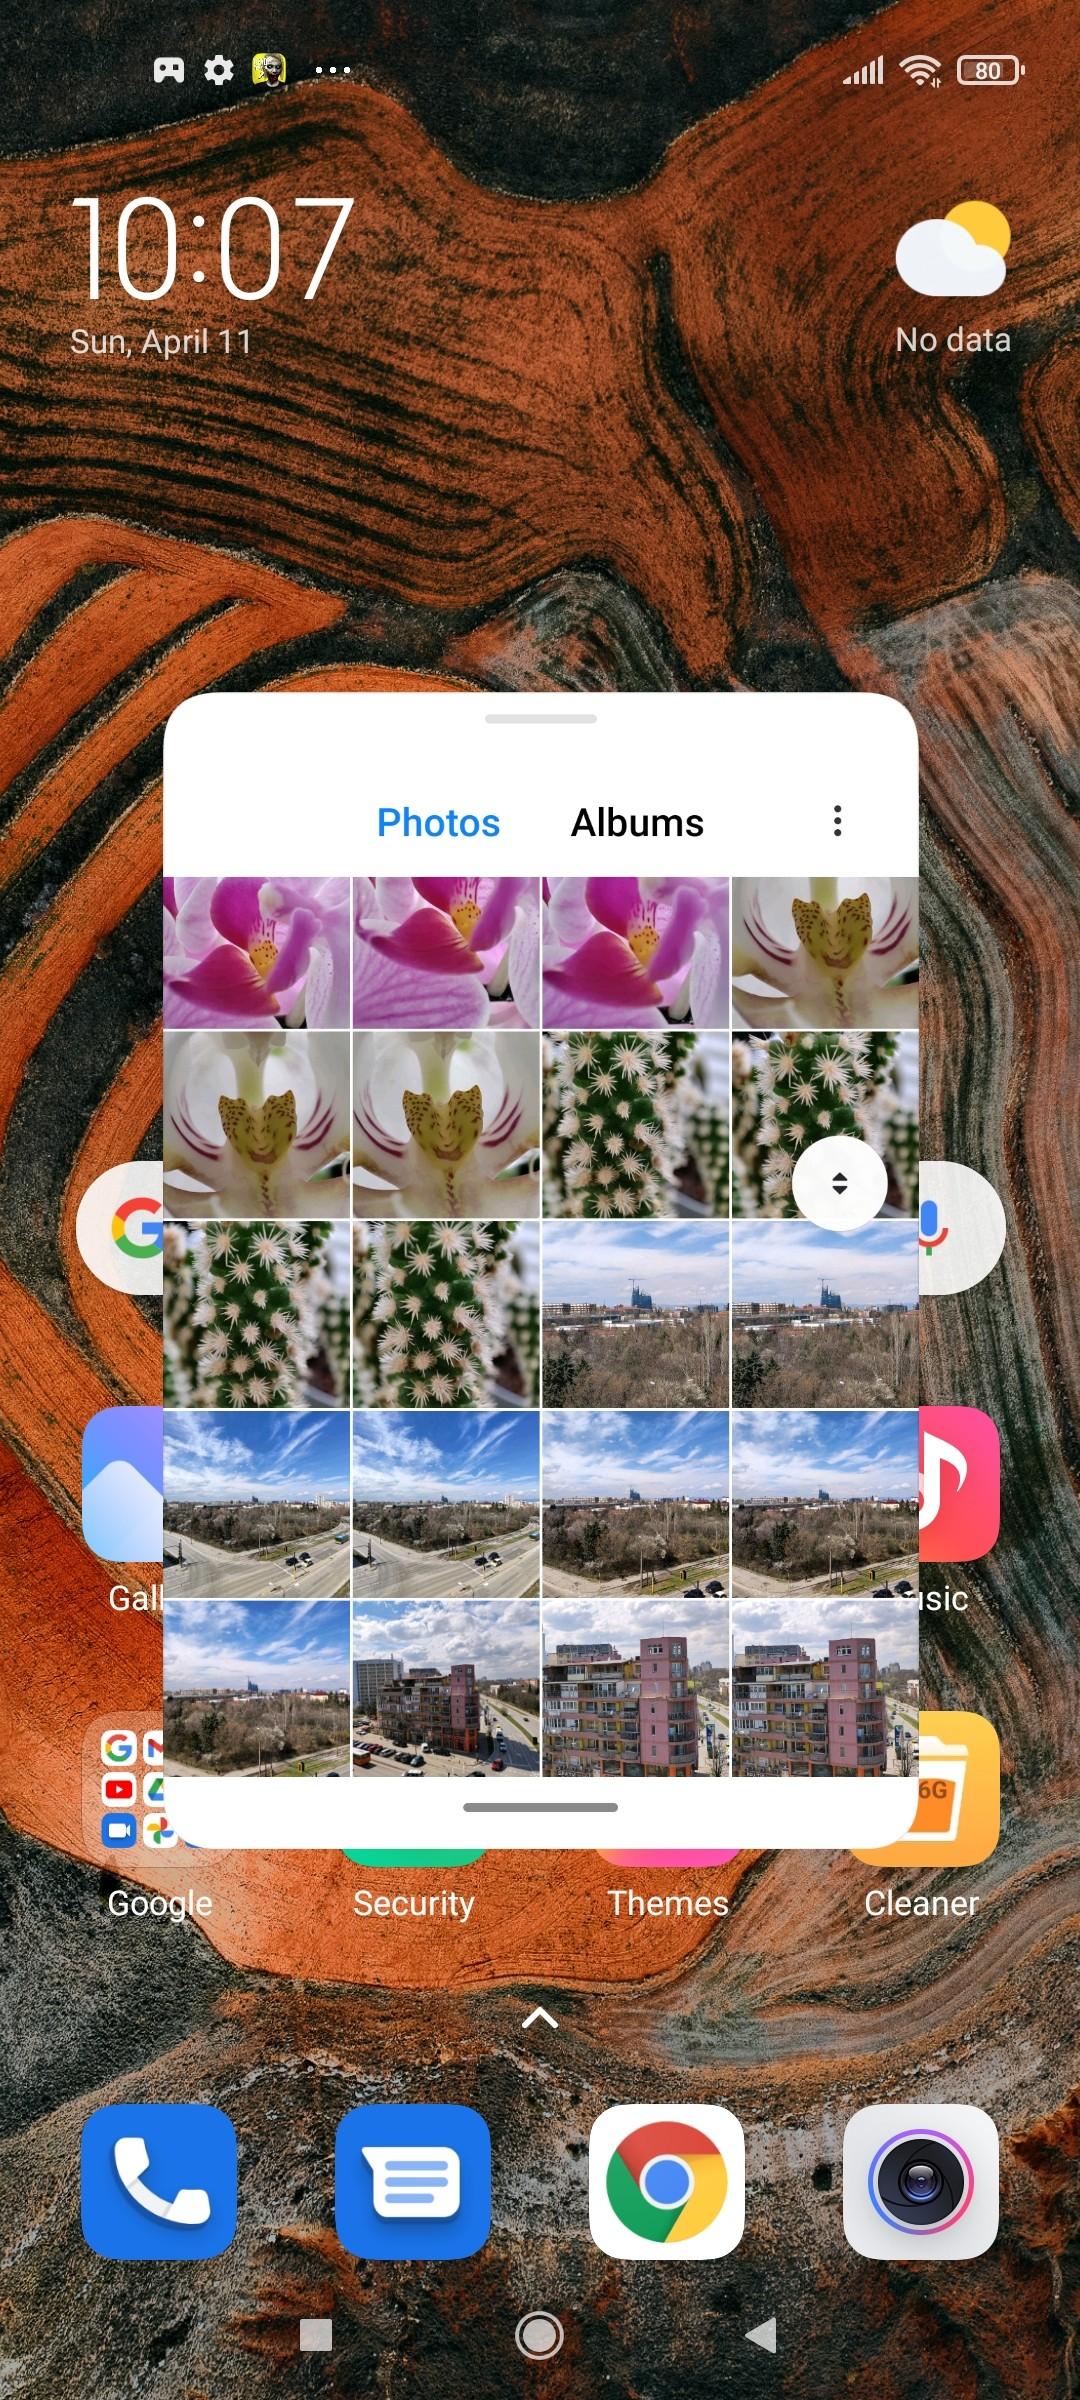 بررسی کامل و تخصصی گوشی می 11 لایت فایو جی شیائومی: غول چراغ جادو